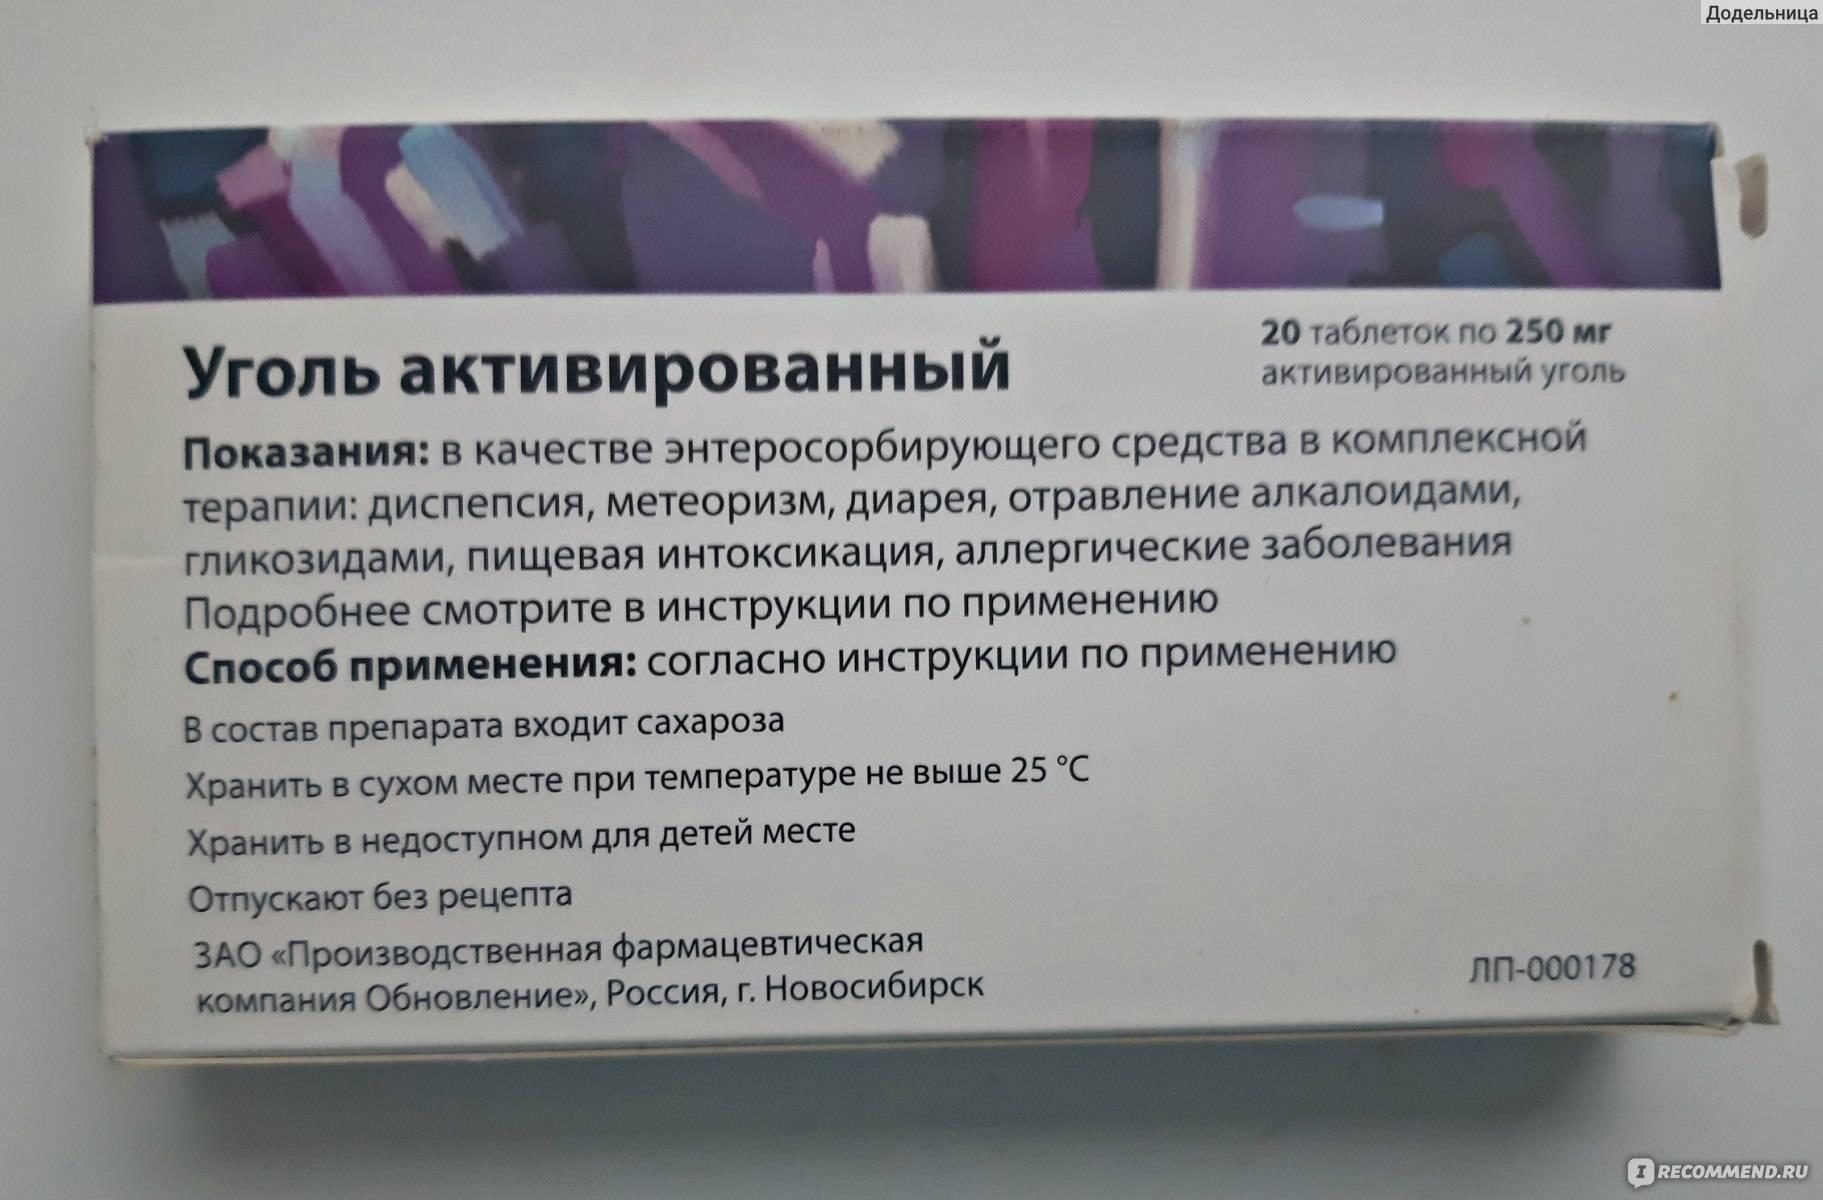 Активированный уголь при алкогольном отравлении, похмелье и запои | fr-dc.ru